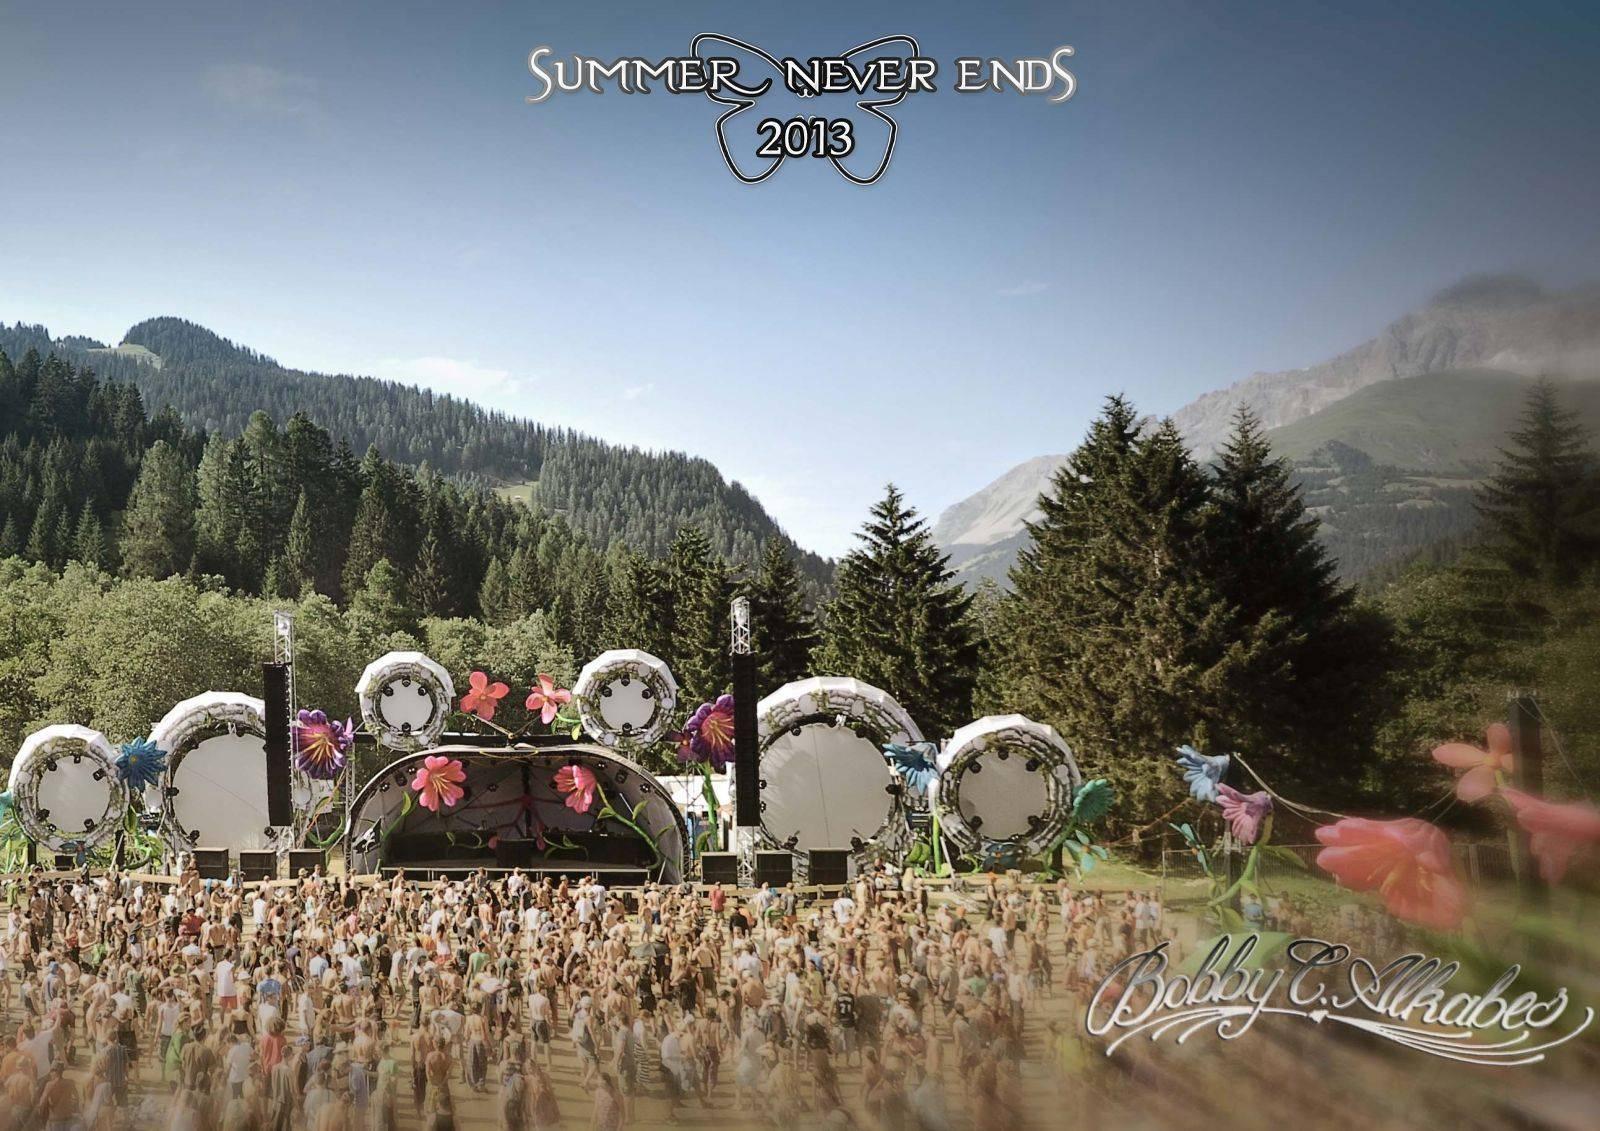 summer-never-ends-2013_bobby-c-alkabes